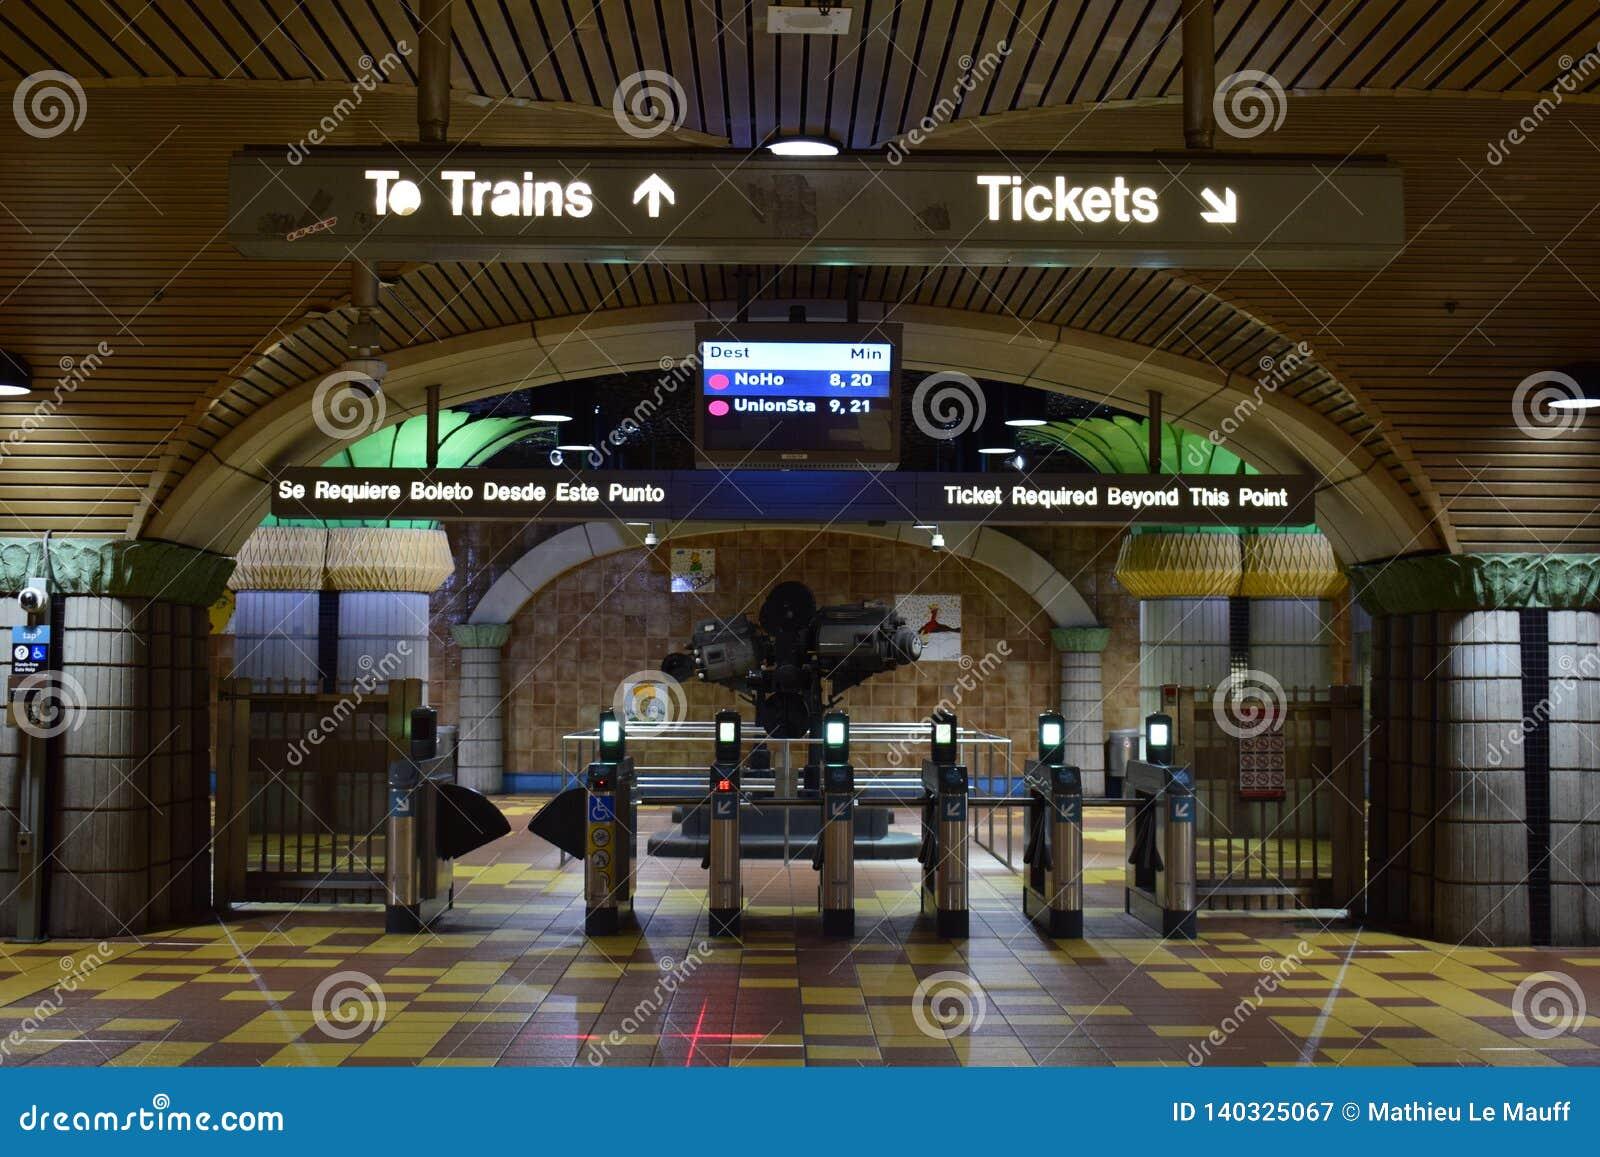 Los Angeles, Califórnia, EUA - 4 de janeiro de 2019: Estação de metro Hollywood/videira